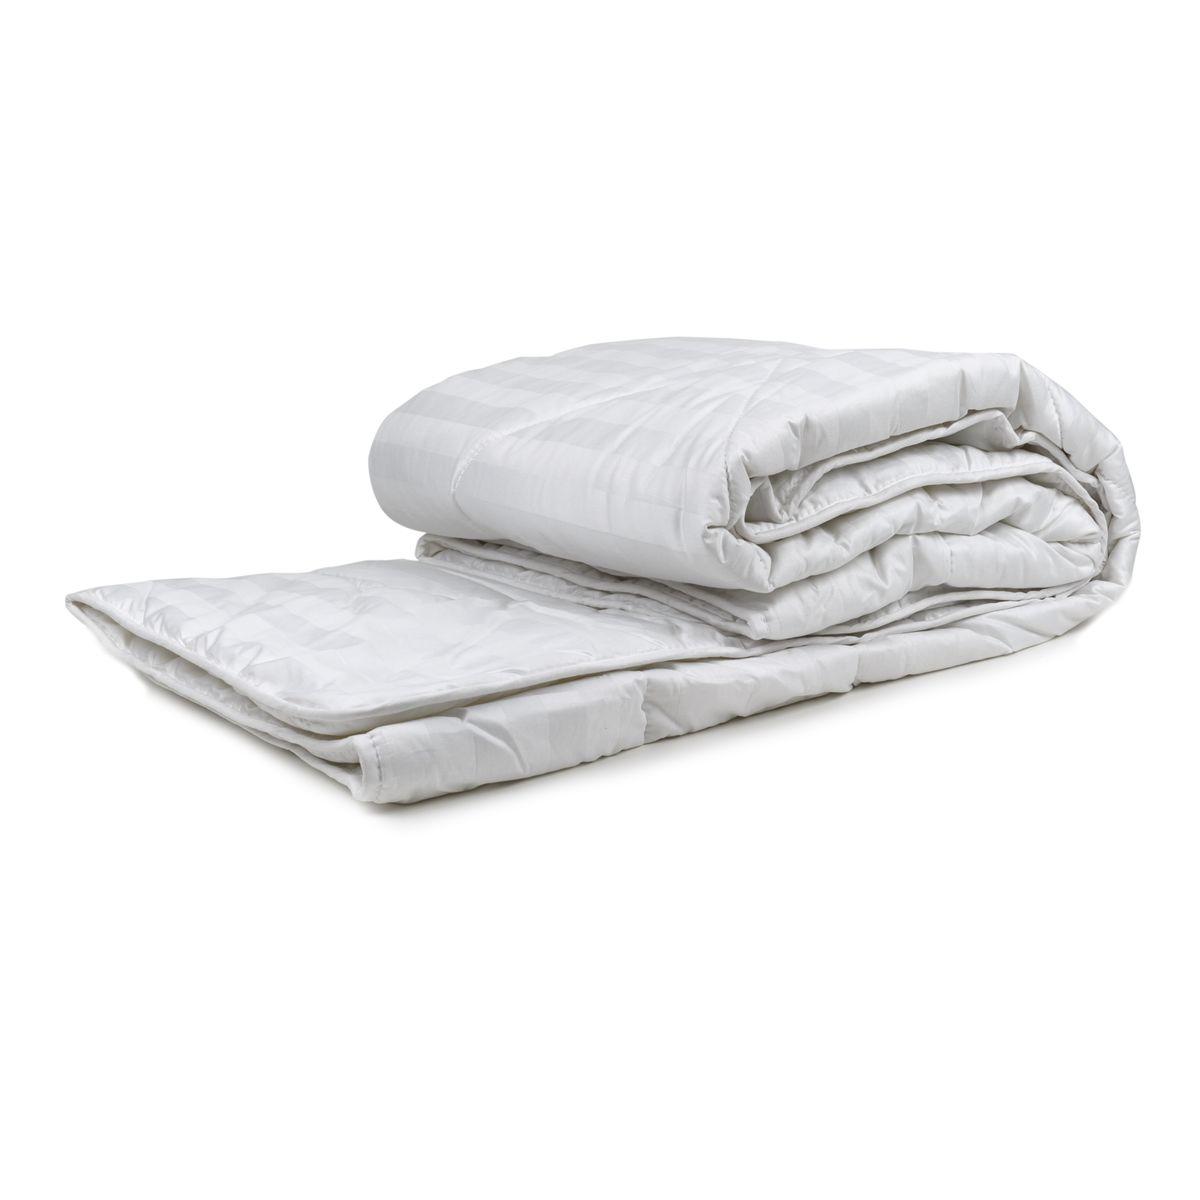 Одеяло стеганое Daily by Togas, наполнитель: шерсть, цвет: экрю, 140 х 200 см. 44.884S03301004Одеяло стеганое Daily by Togas мягкое и комфортное, рассчитано на сезон осень-зима. Наполнитель изготовлен из овечьей шерсти и полиэфирного волокна, такие одеяла согревают, впитывают и отводят влагу и дышат.Чехол одеяла выполнен из сатина, мягкого и шелковистого хлопкового материала. Это одеяло может стать нужным приобретением для дома или хорошим подарком на любое торжество.